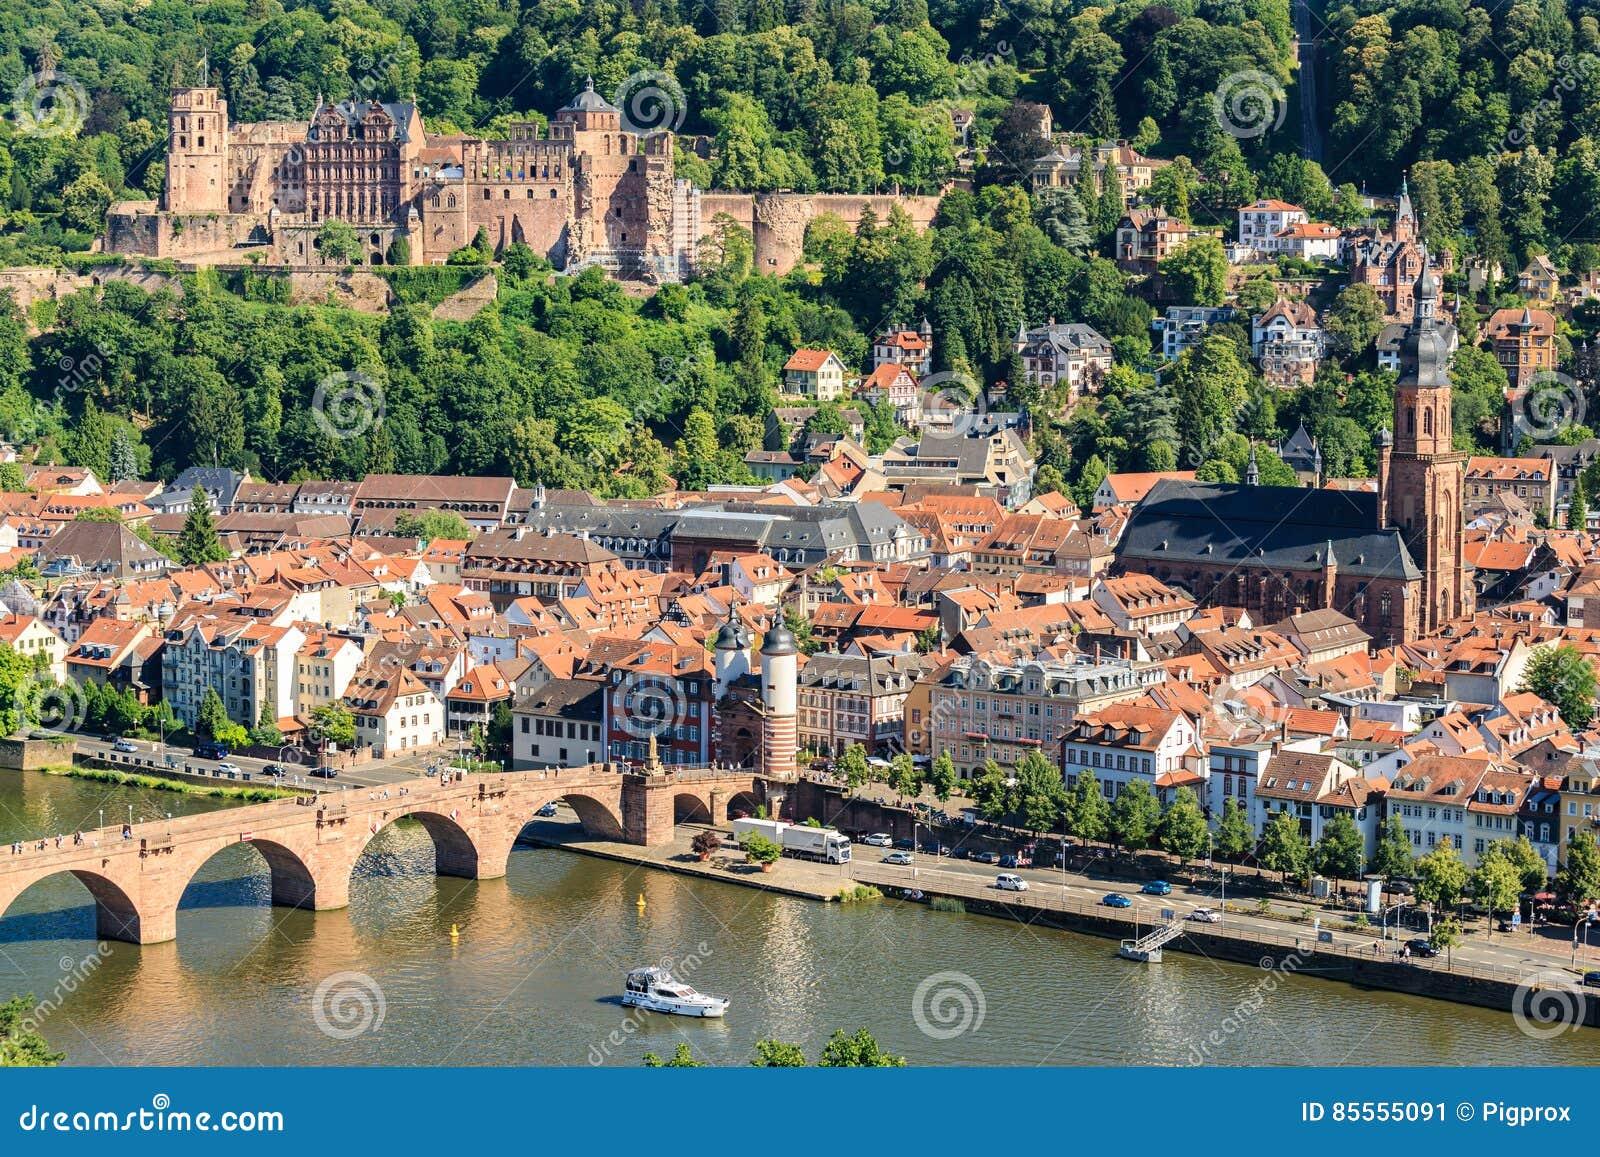 Ansicht der alten Stadt von Heidelberg